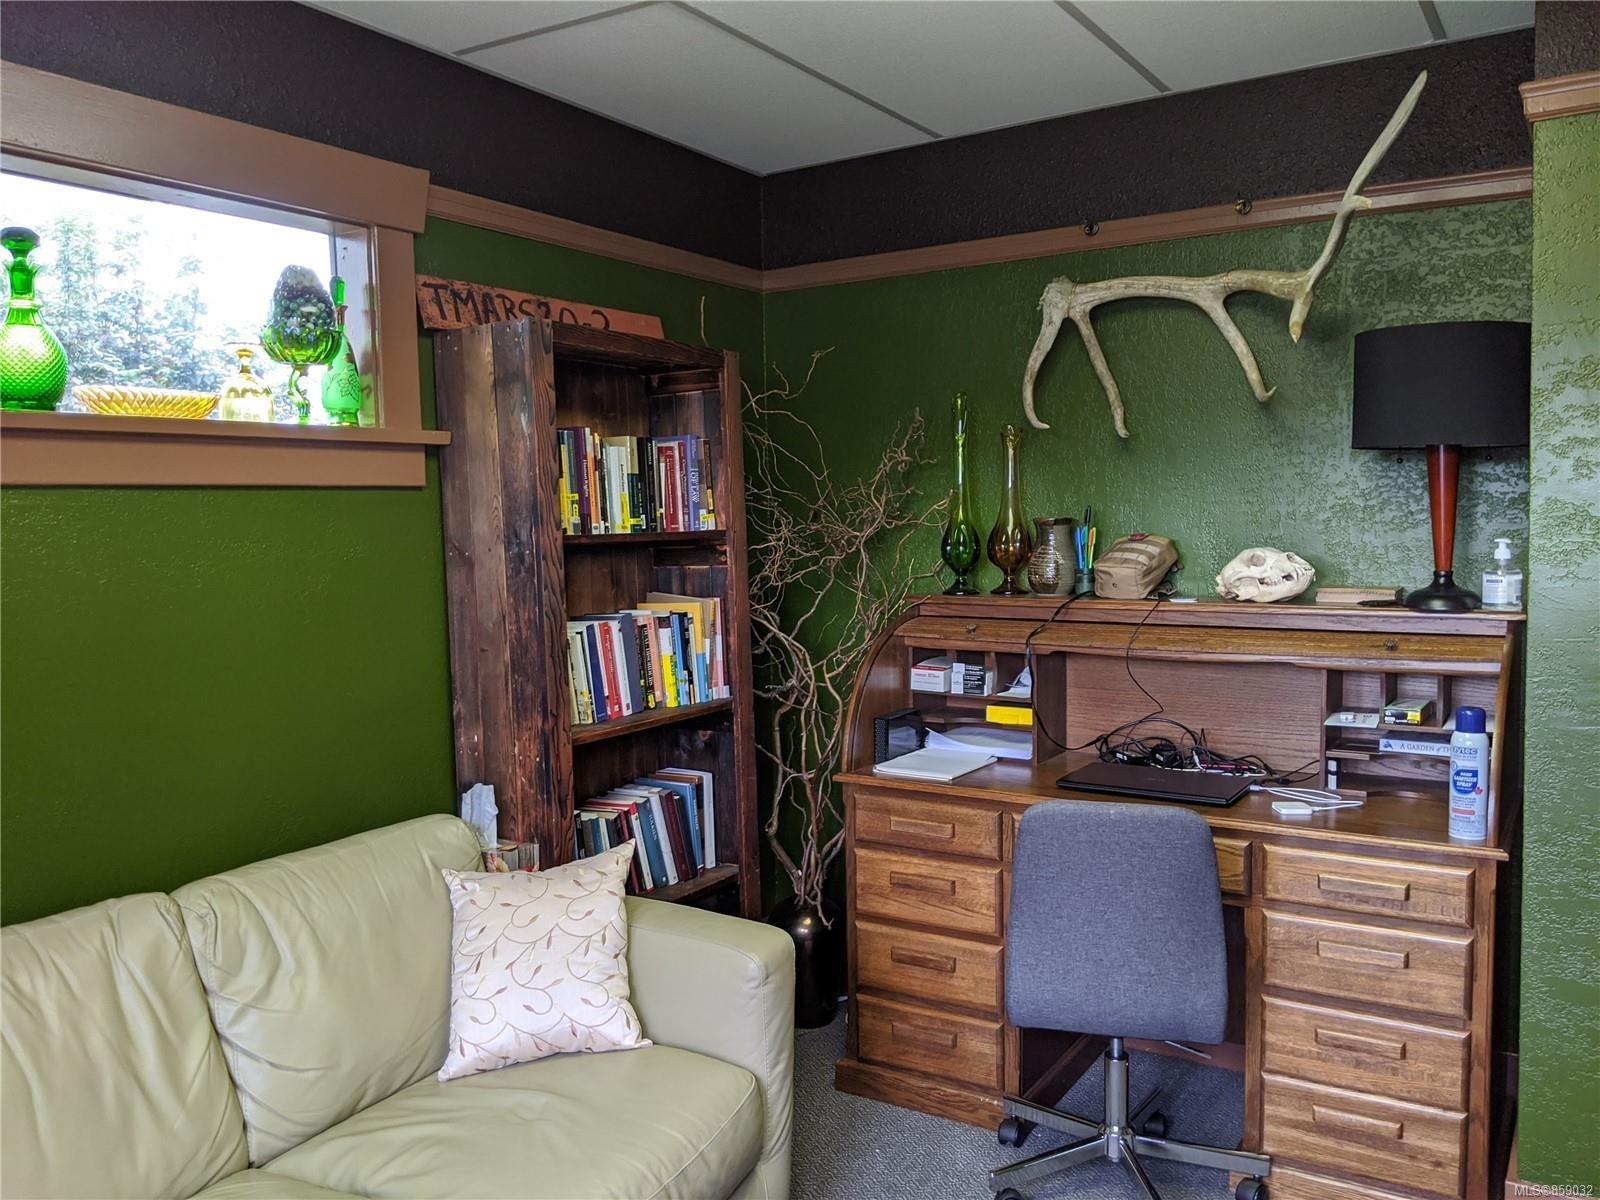 Photo 10: Photos: 331 St. Julian St in : Du West Duncan Office for sale (Duncan)  : MLS®# 859032